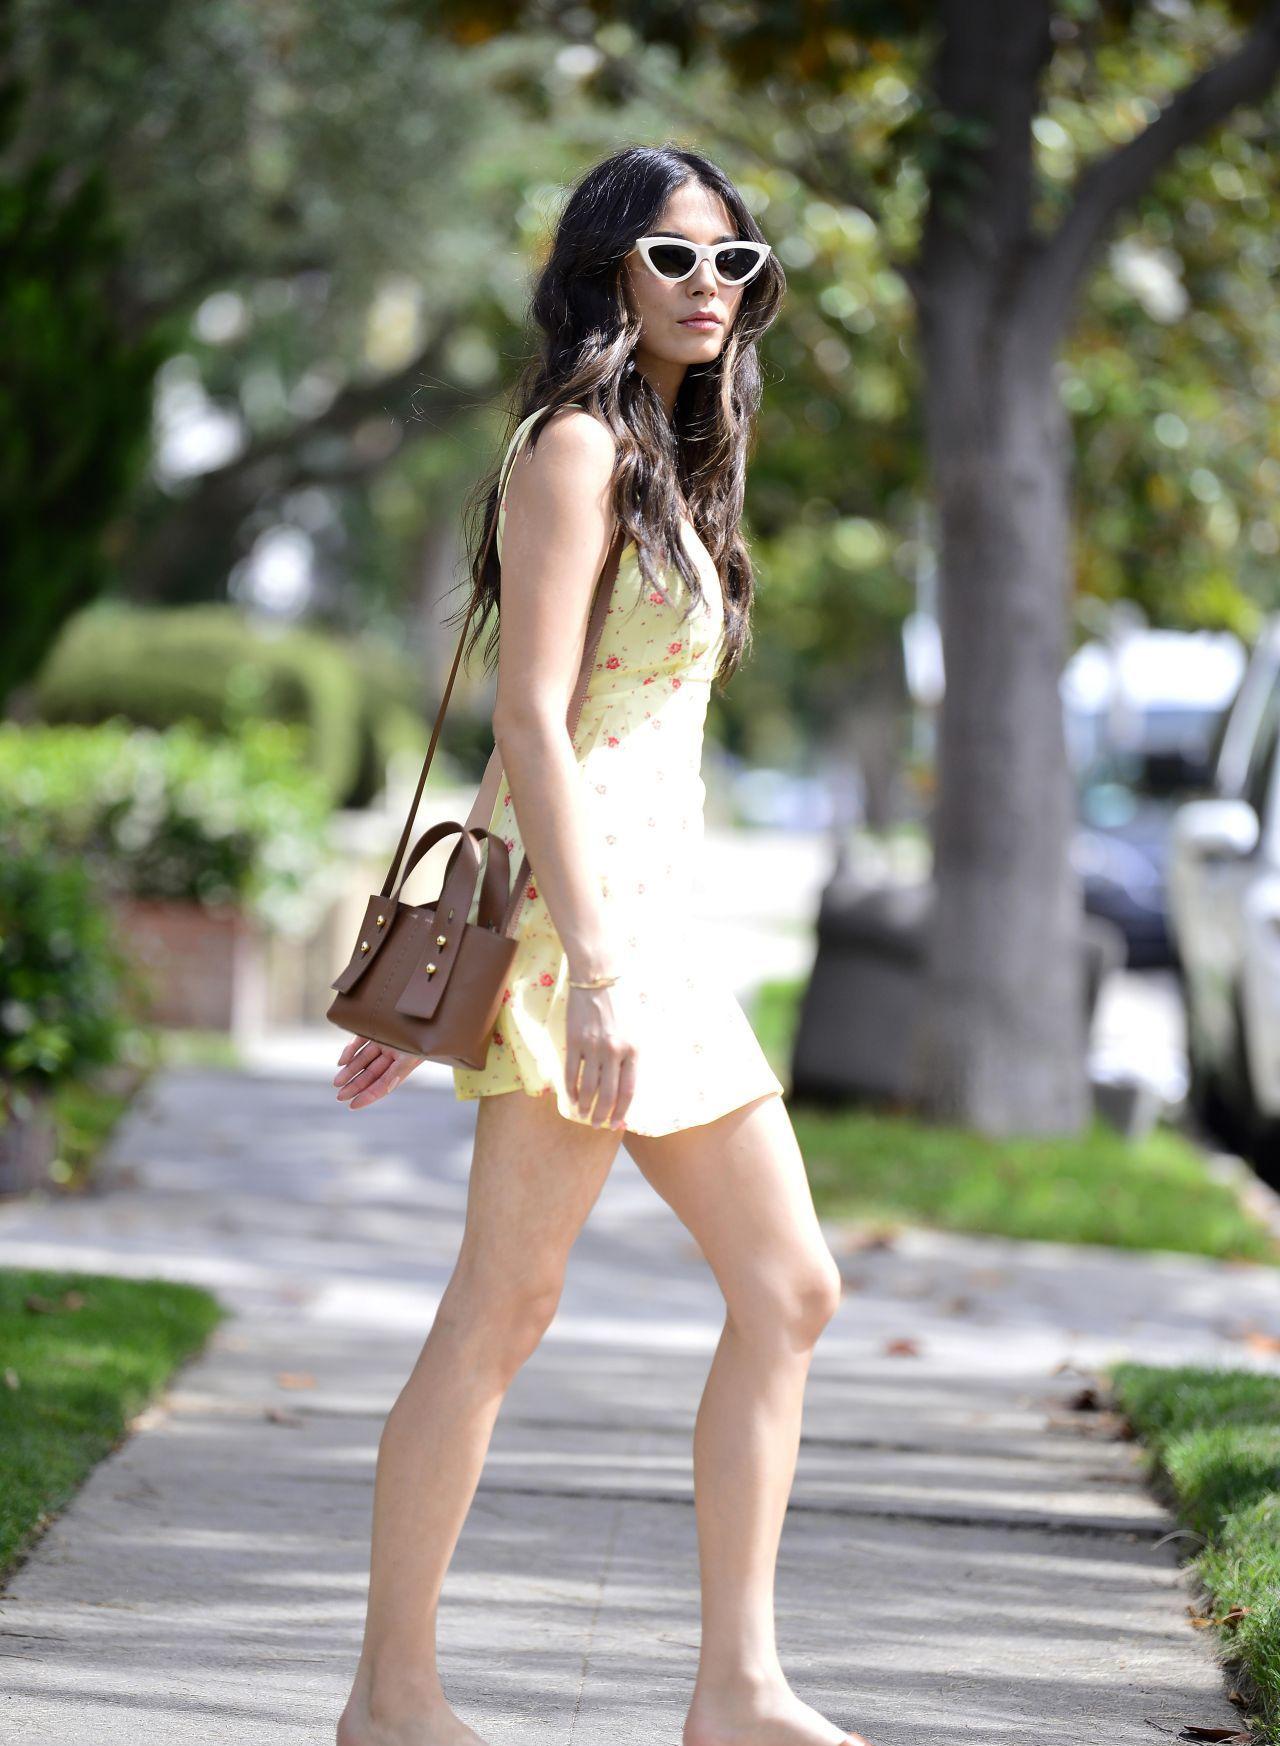 夏天来了!女星杰西卡·戈麦斯一袭黄色裙子大秀美腿,清凉美丽